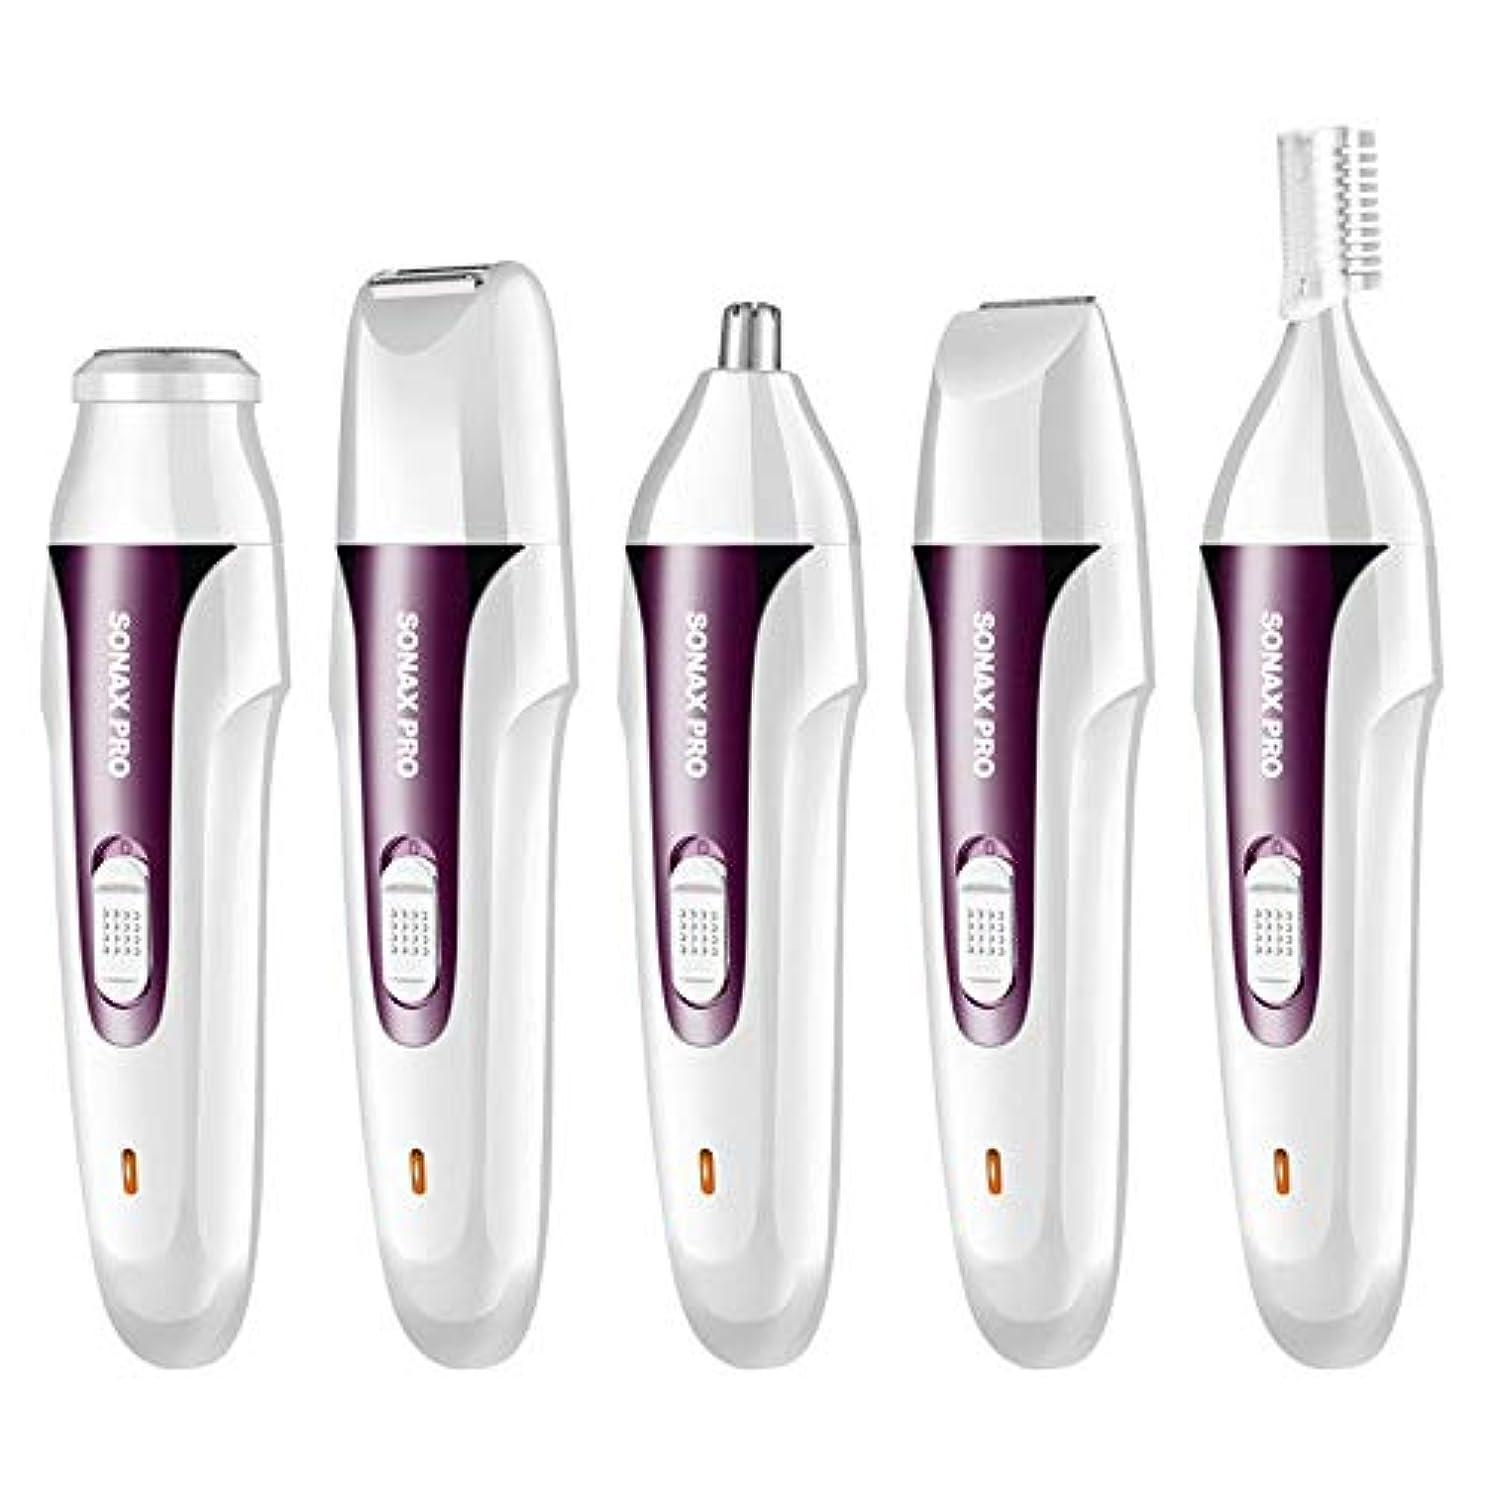 コンパクト本秋鼻毛カッター はなげカッター 電気鼻耳トリマー、眉毛トリマー、オールインONEヘアーリムーバー女性、無痛カミソリテクノロジー (Color : Purple, Size : USB)